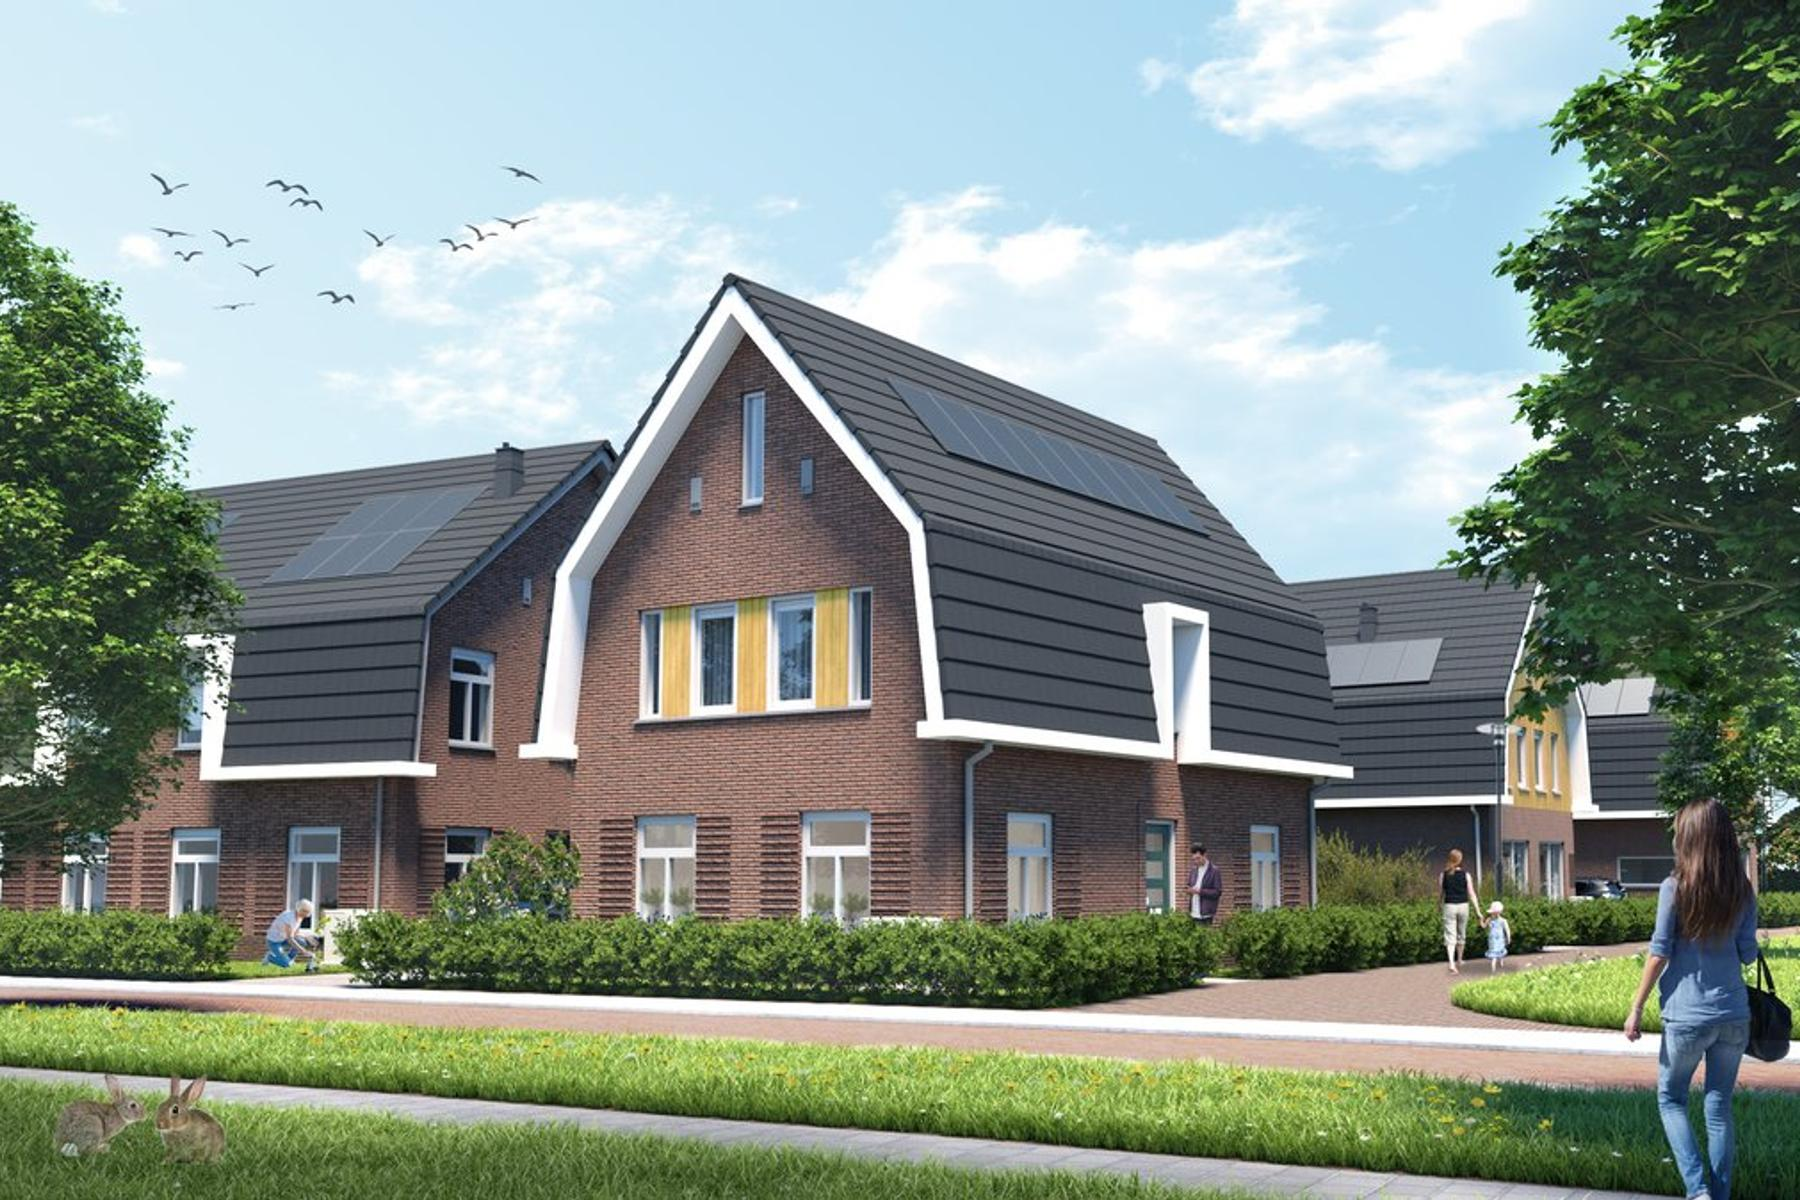 Loddero 18 3 in Doesburg 6981 HK